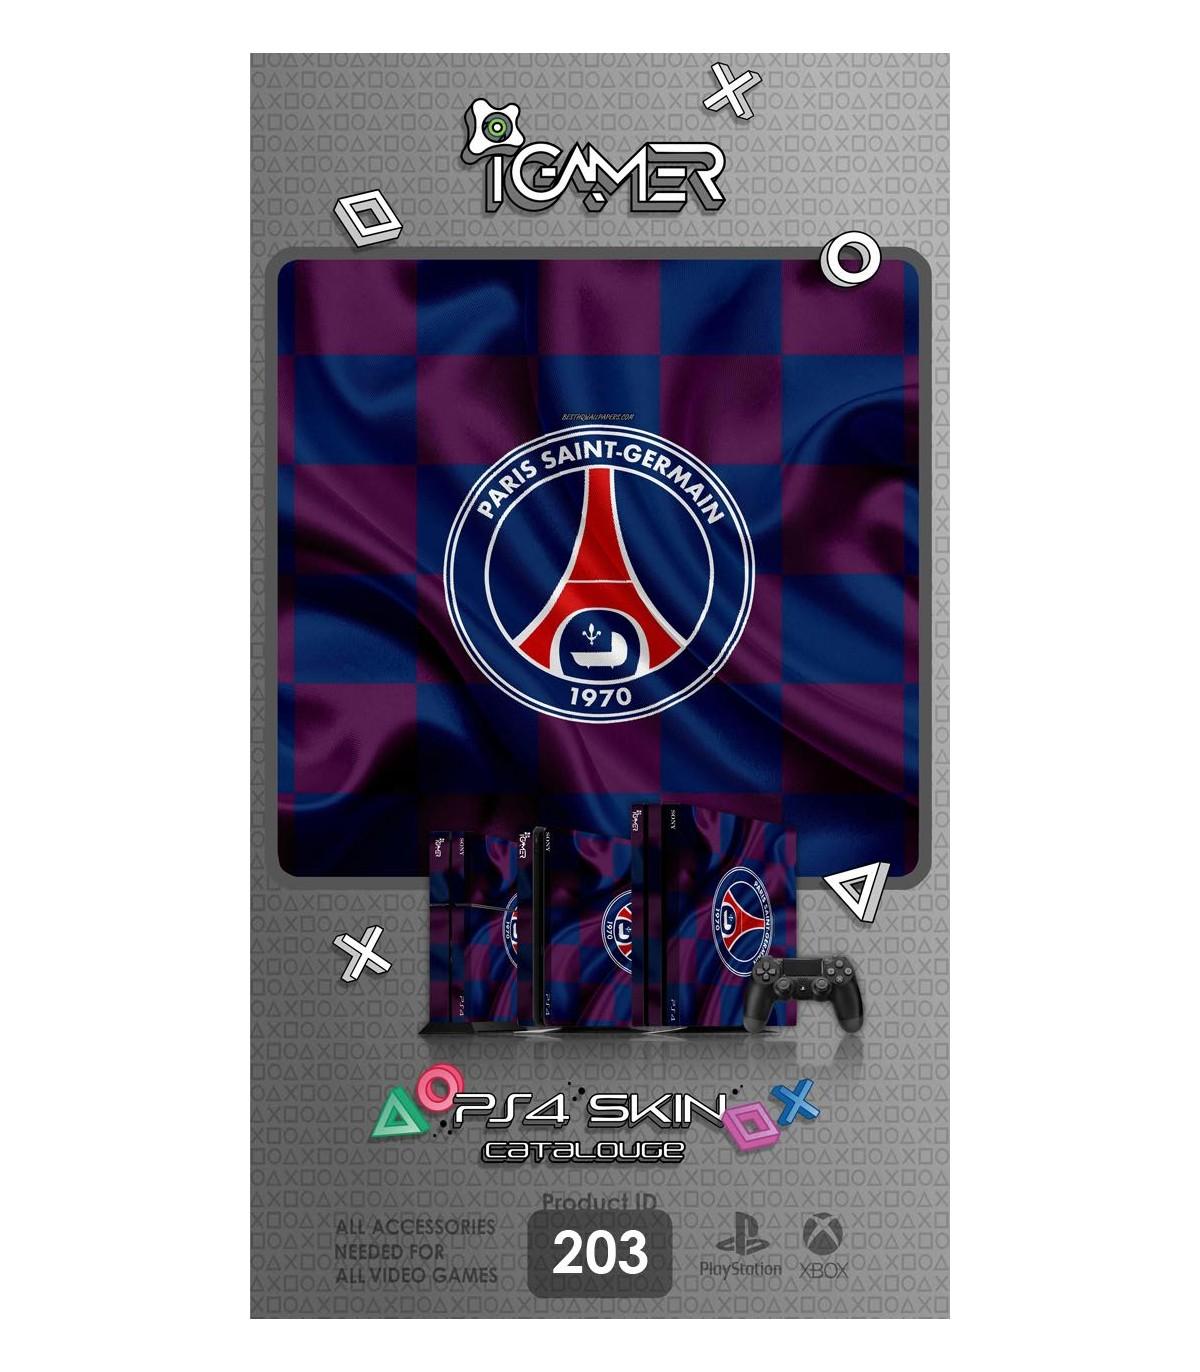 اسکین PS4 آی گیمر طرح Paris Saint-Germain